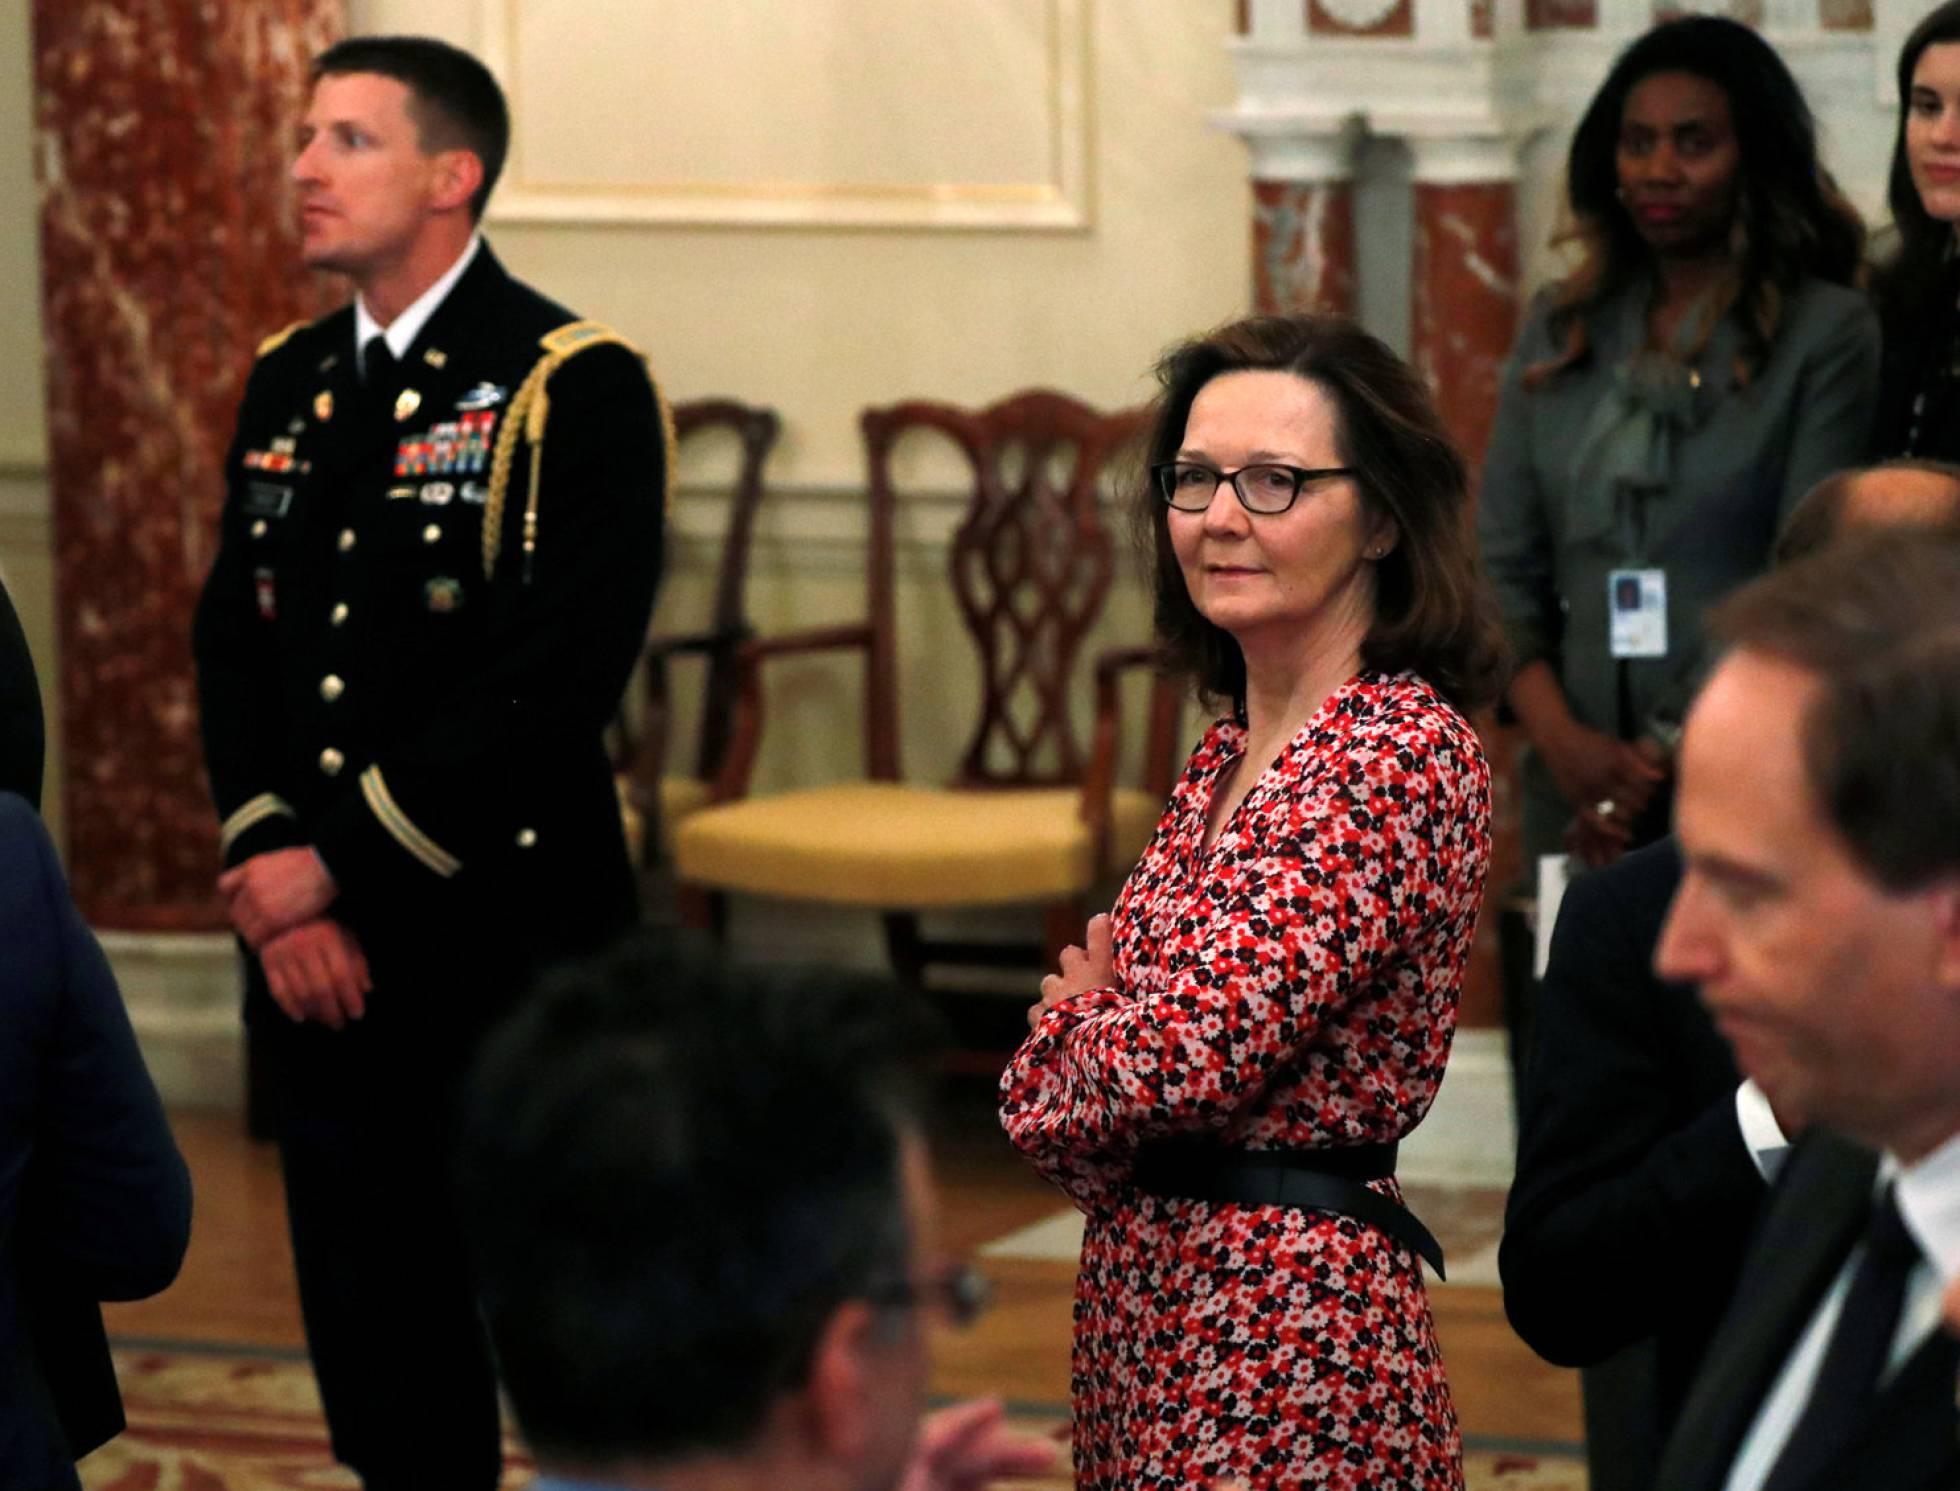 Trump respalda a su candidata a la CIA, cercada por el escándalo de las torturas